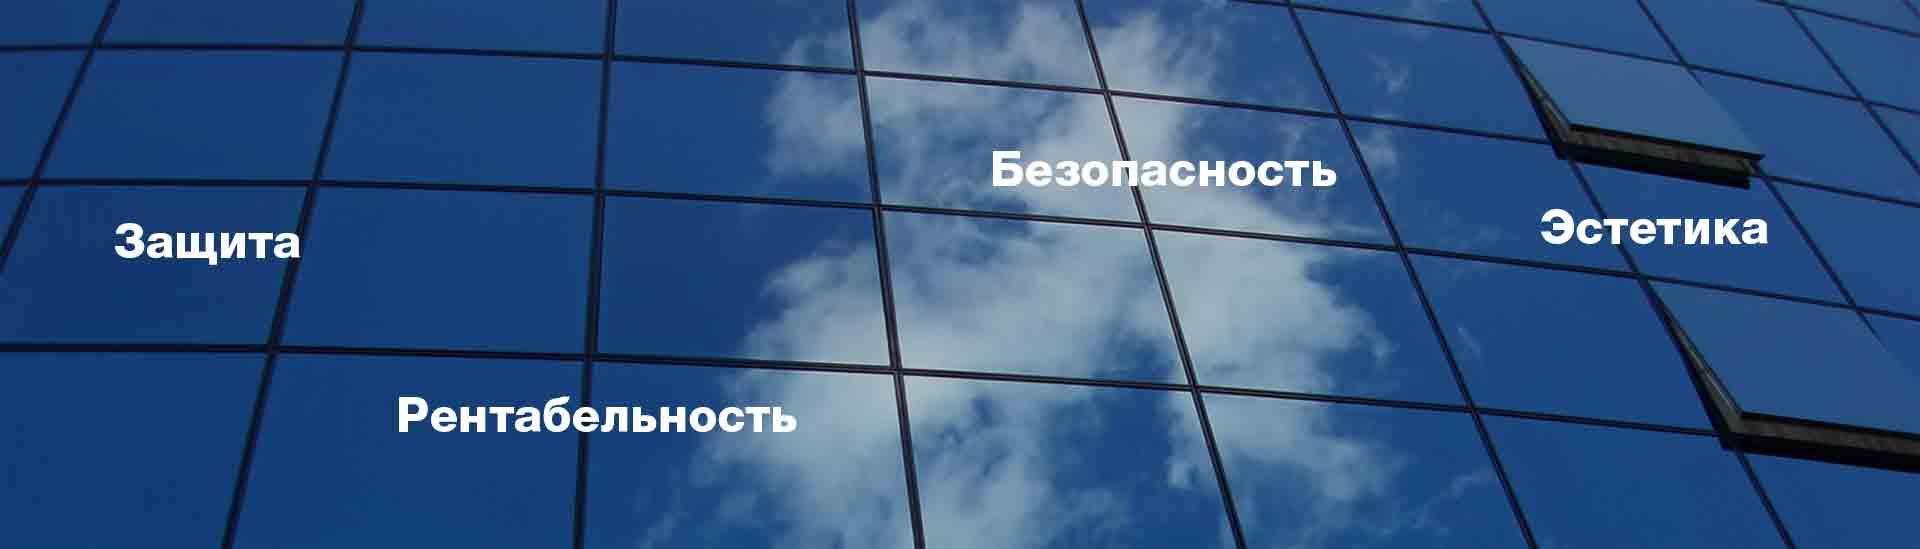 Уплотнения и склеивания фасадов